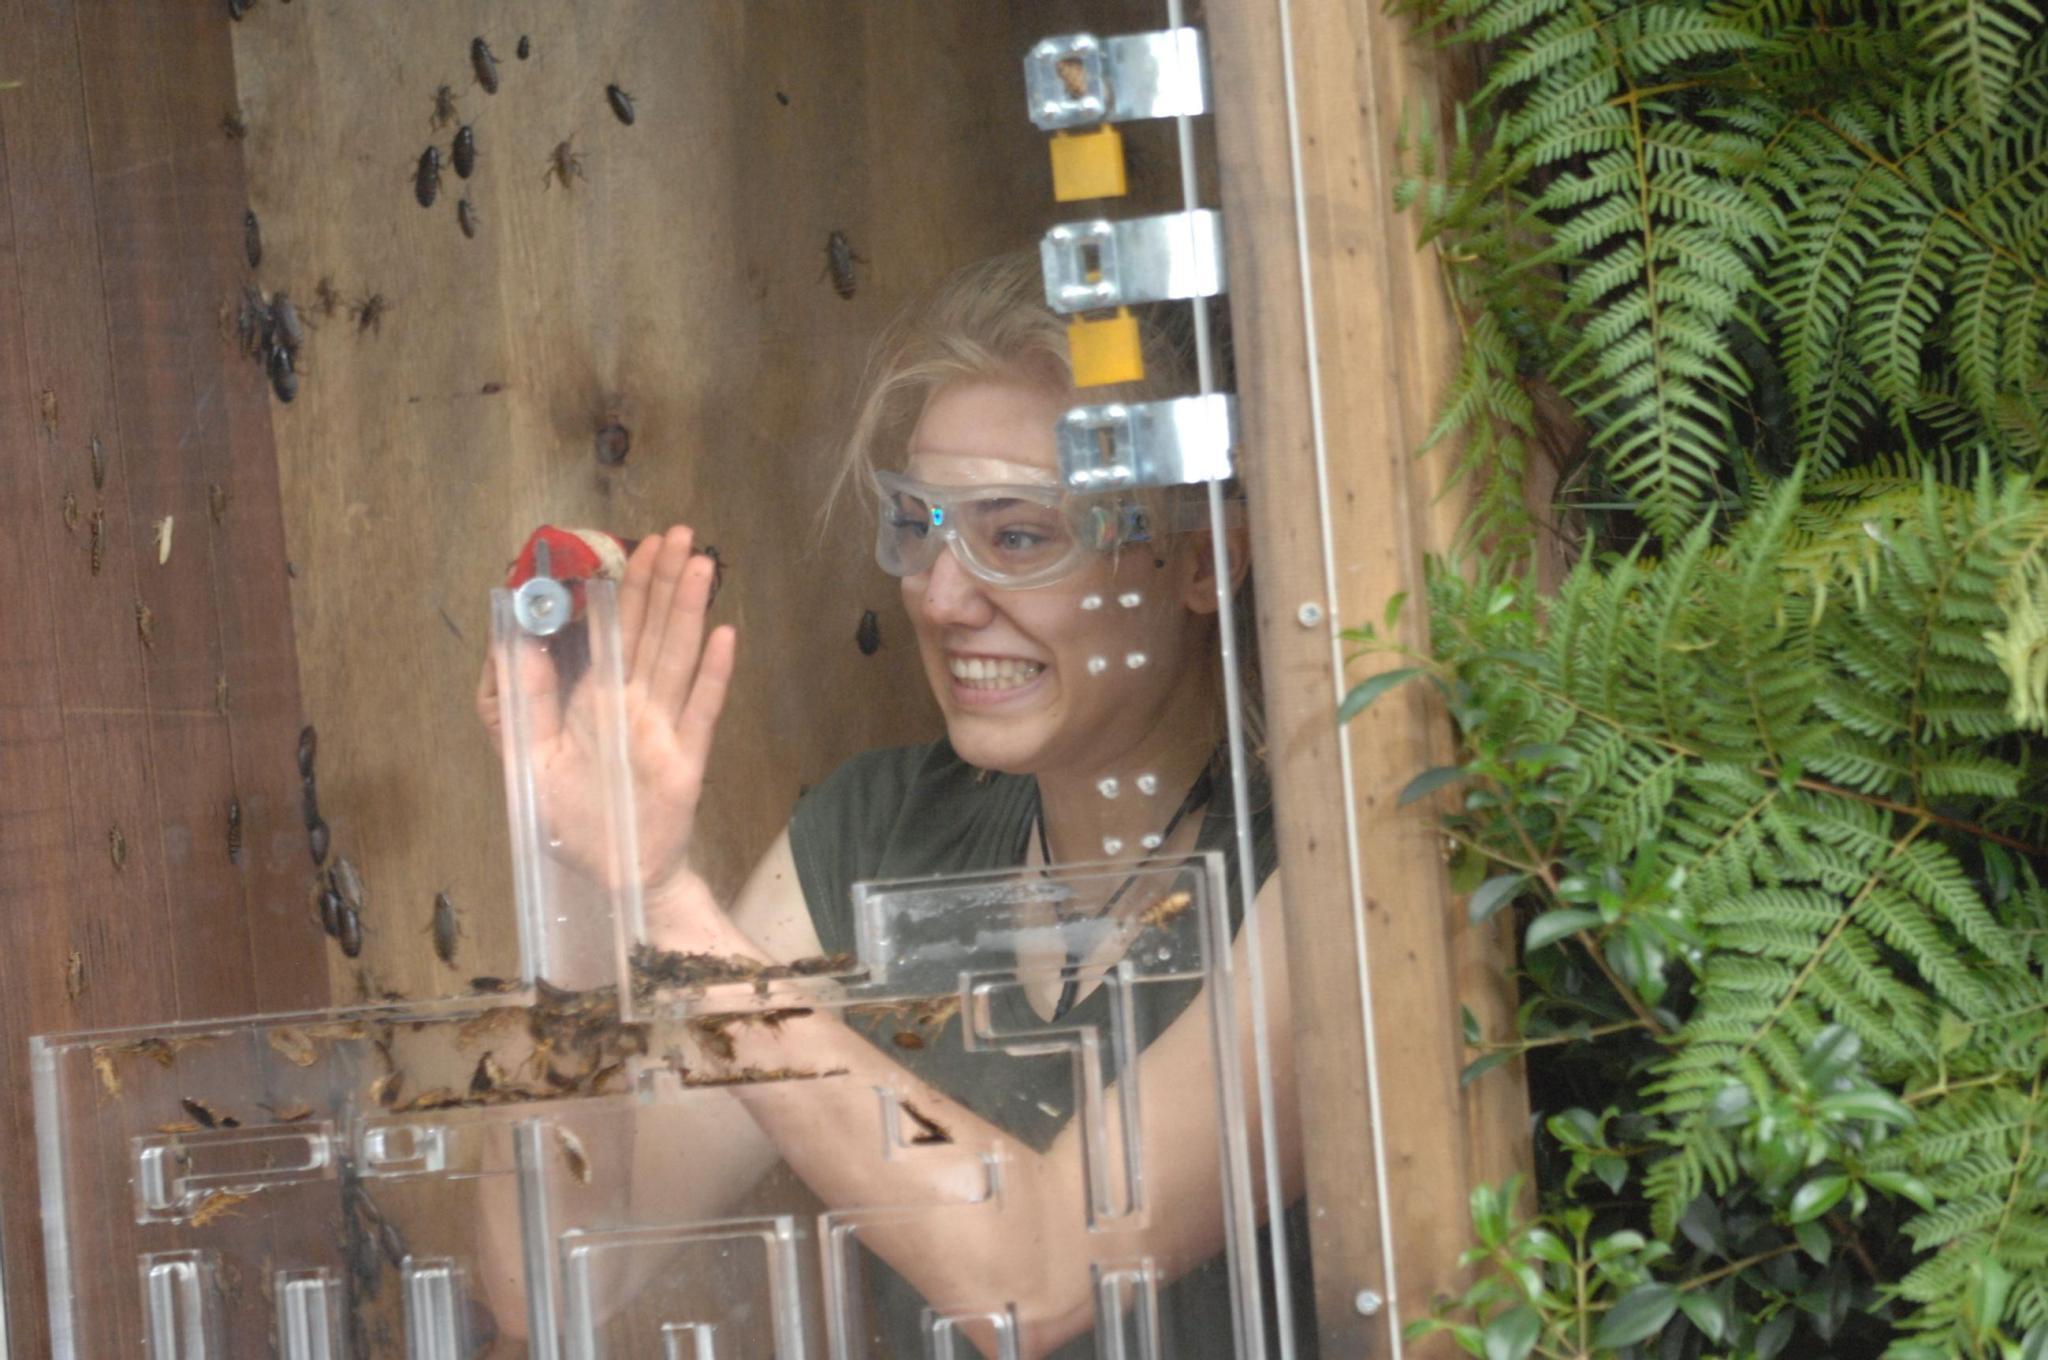 Dschungelcamp: Kakerlaken für alle